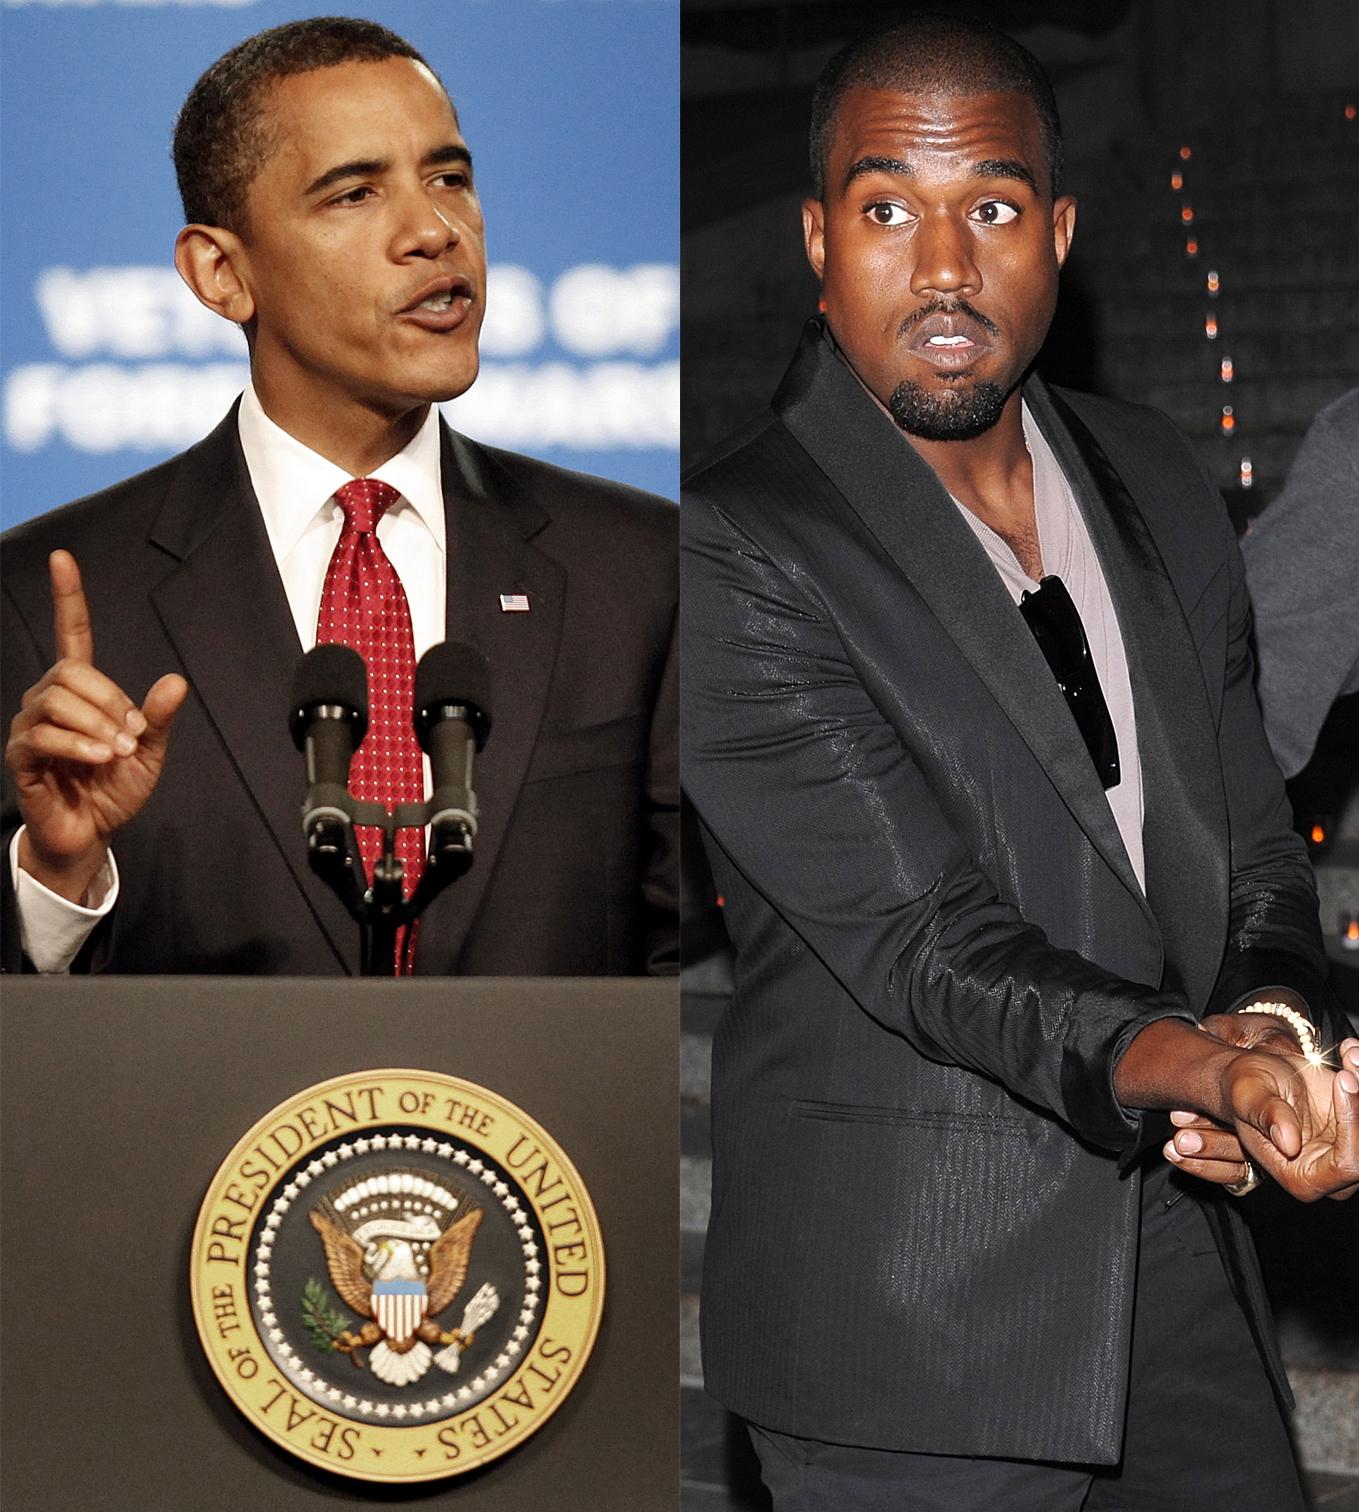 Barack Obama and Kayne West